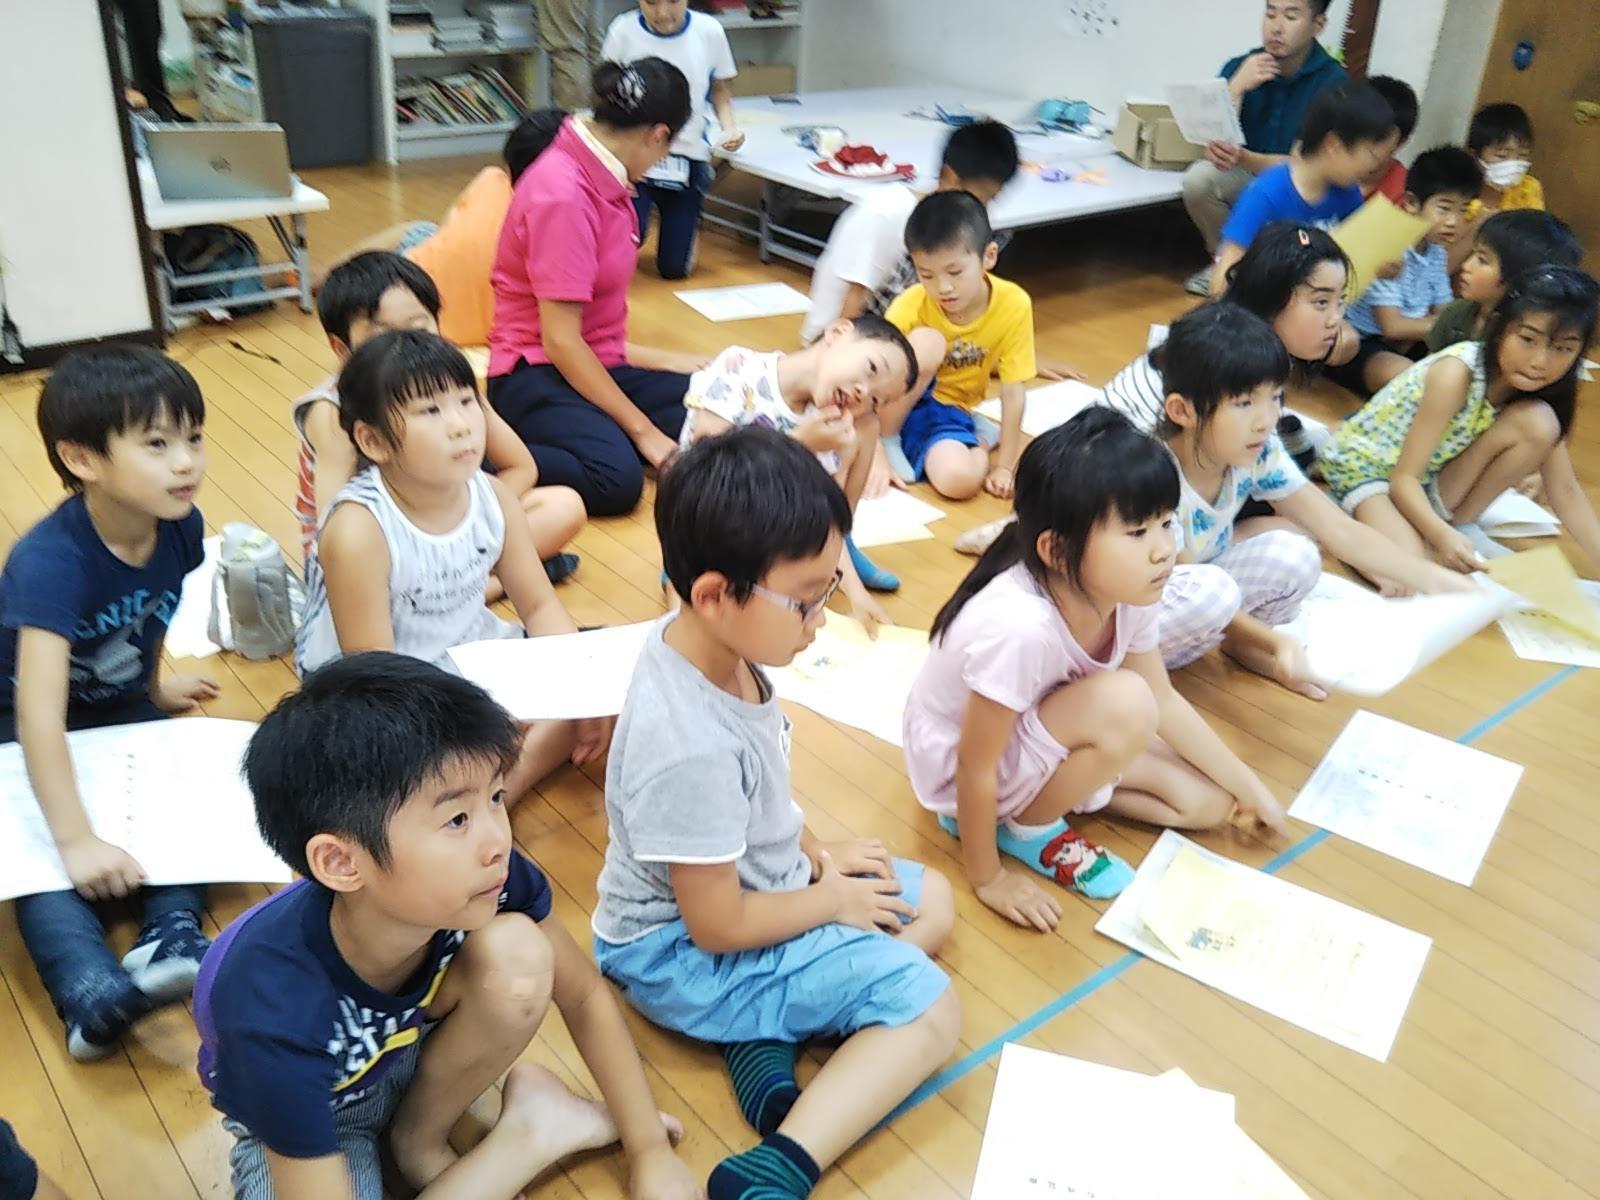 【レクリエーション】8月6日 『セーフテイー教室』_f0225094_16240918.jpg